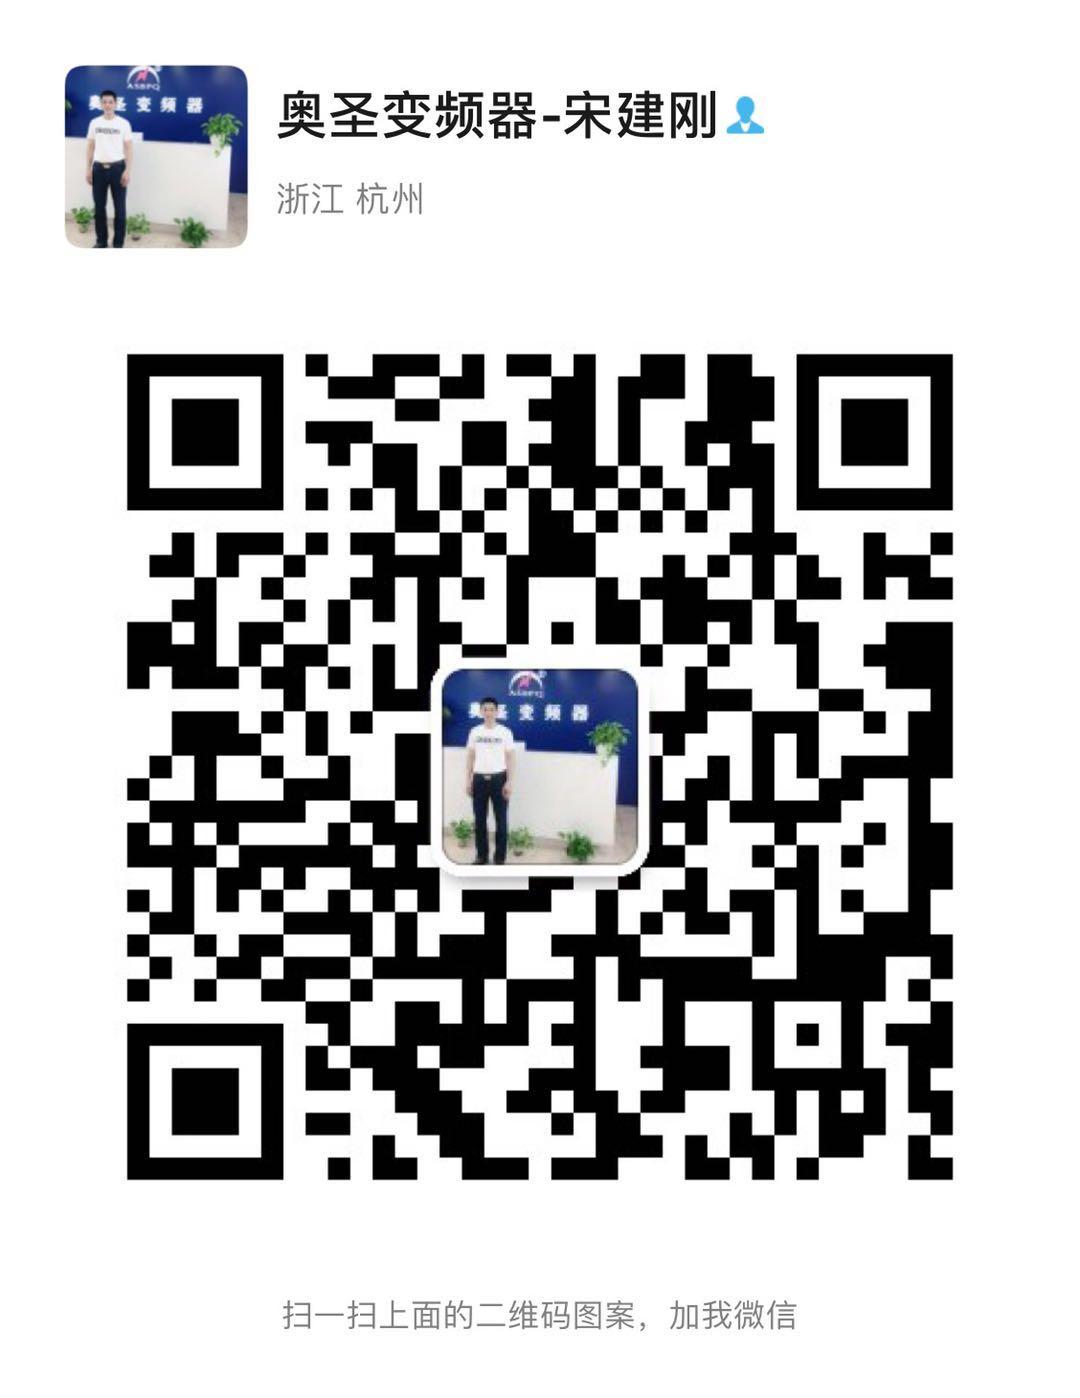 微信�D片_20200812141339.jpg